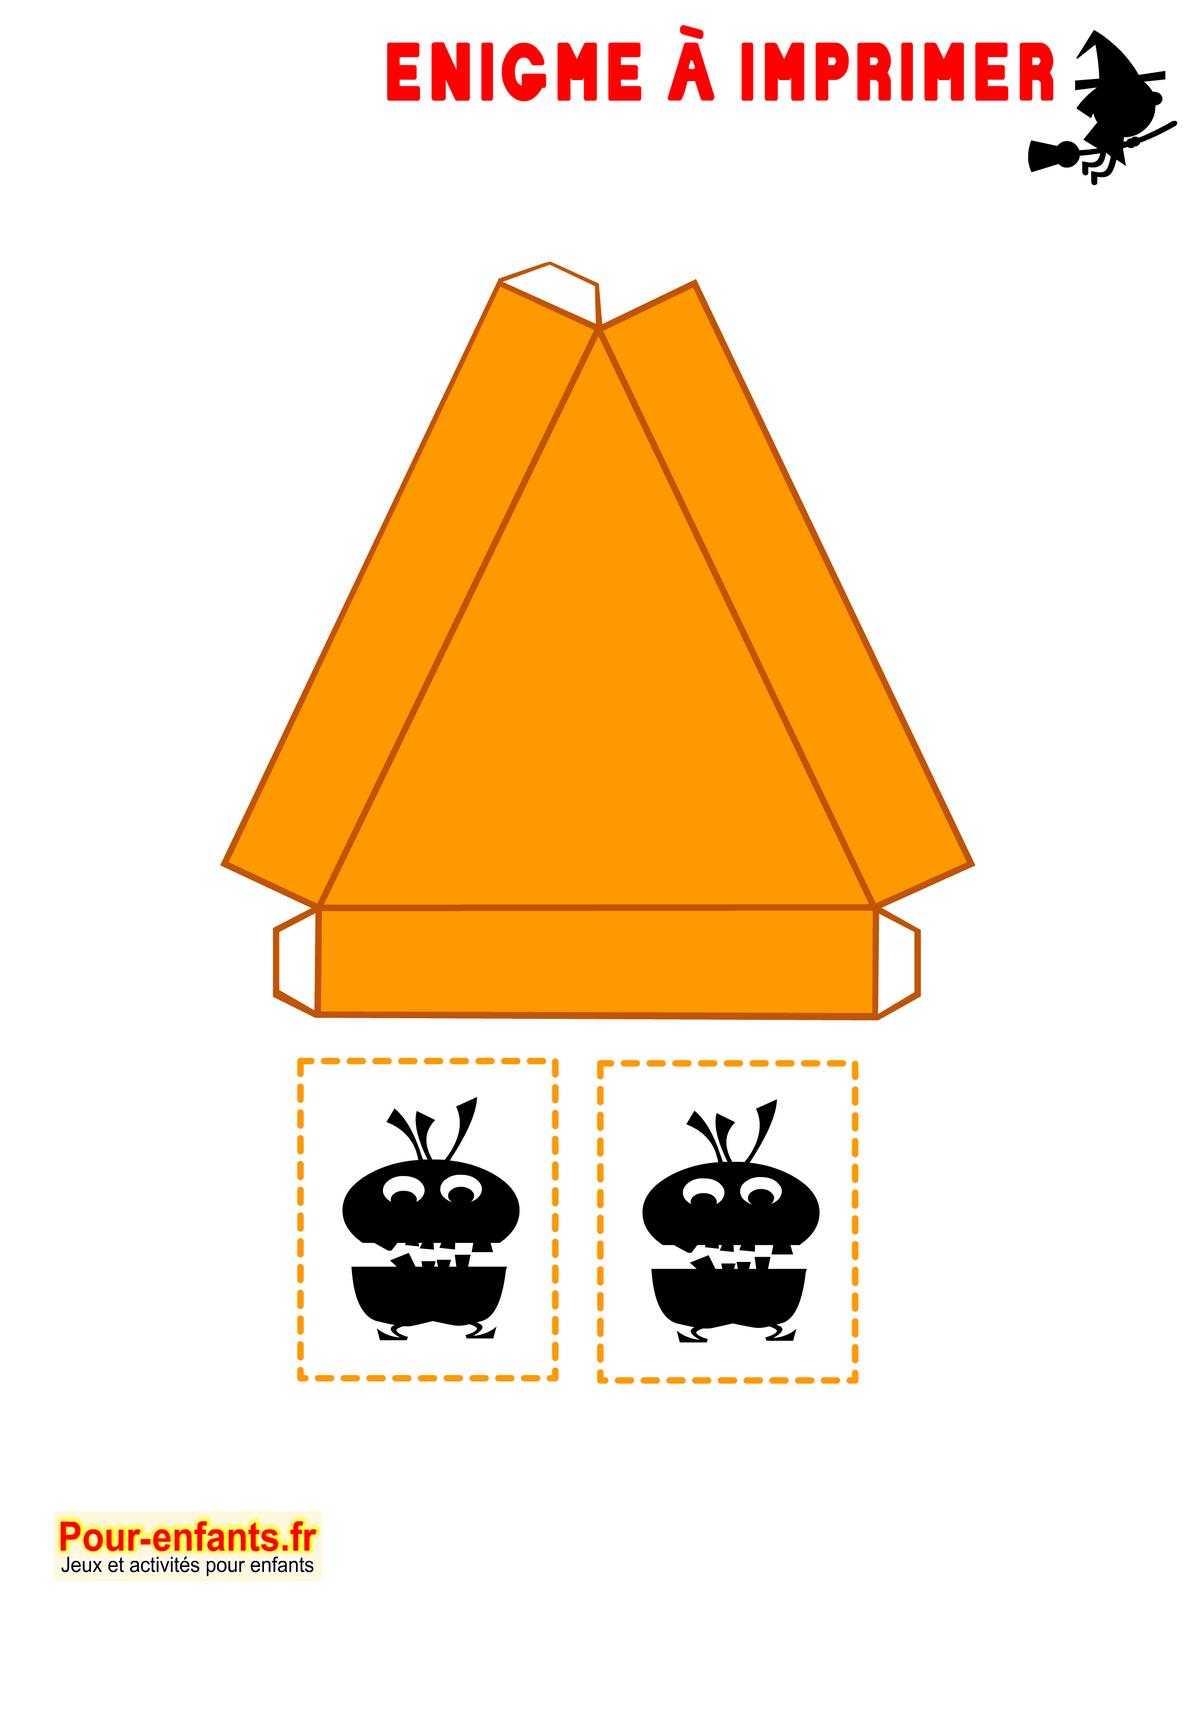 Enigmes Idées Activités Jeux À Imprimer Halloween Bricolage tout Bricolage À Imprimer Gratuit